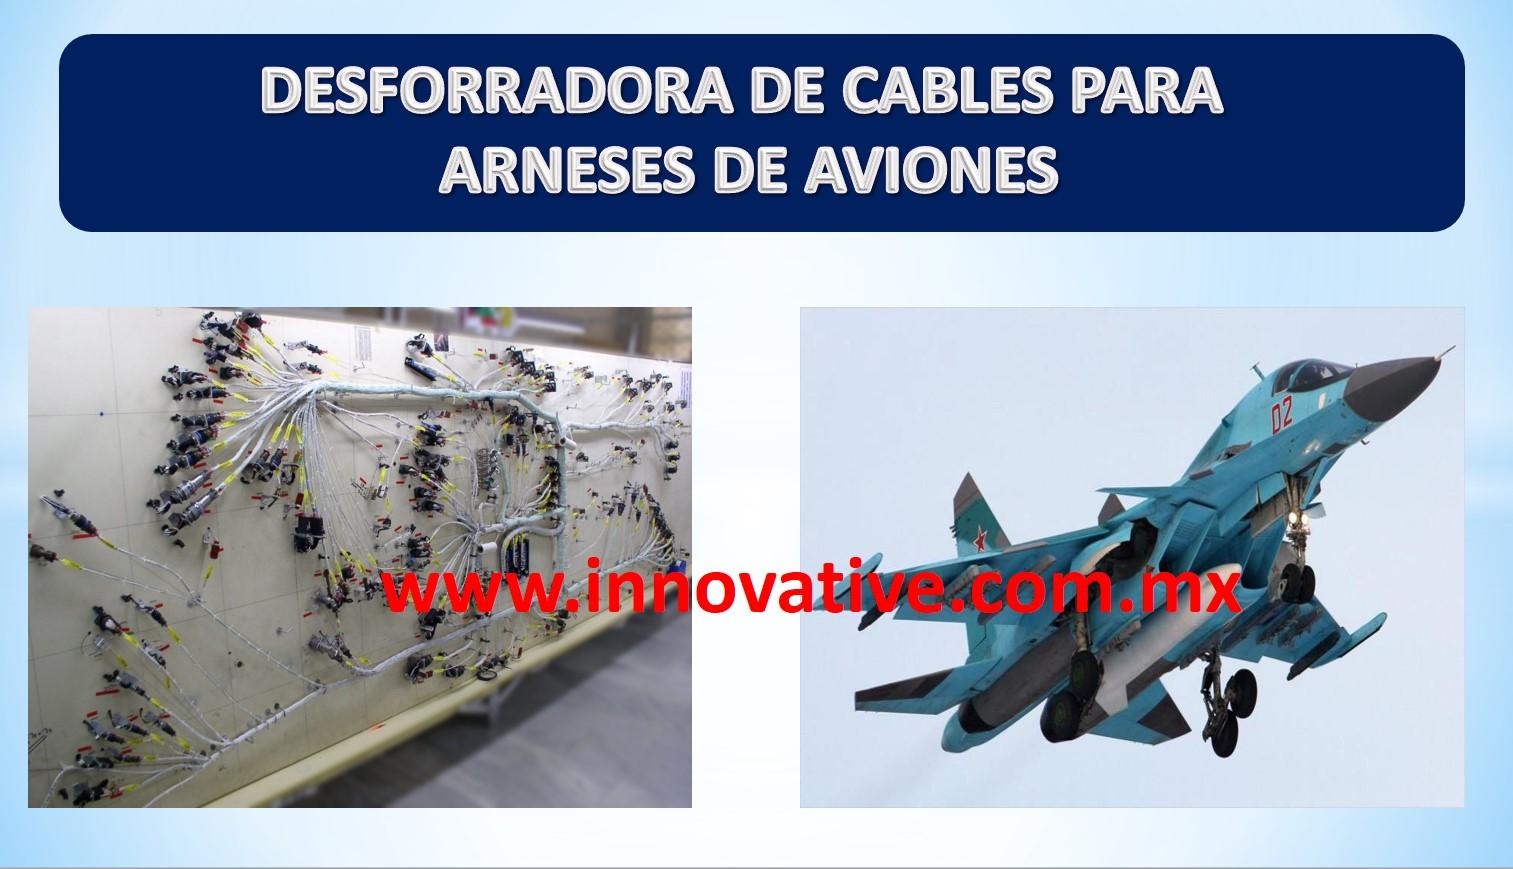 DESFORRADORAS DE CABLES PARA ARNESES DE AVIONES 1